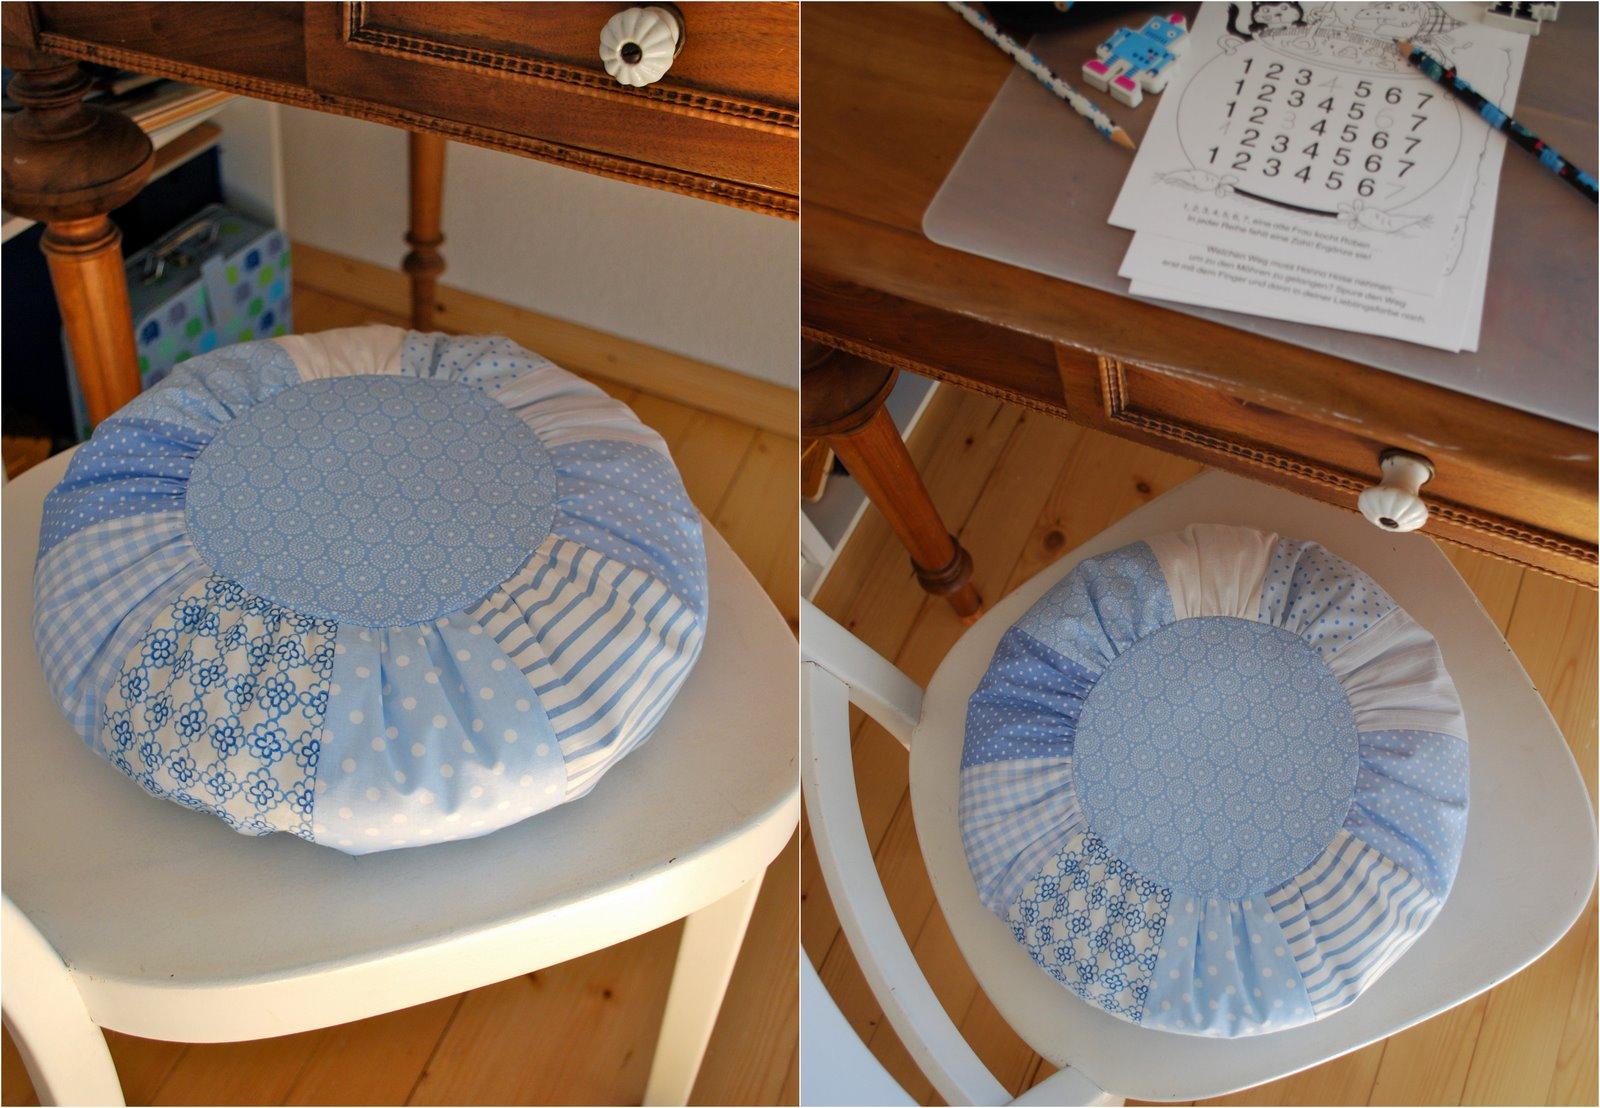 mamas kram september 2011. Black Bedroom Furniture Sets. Home Design Ideas